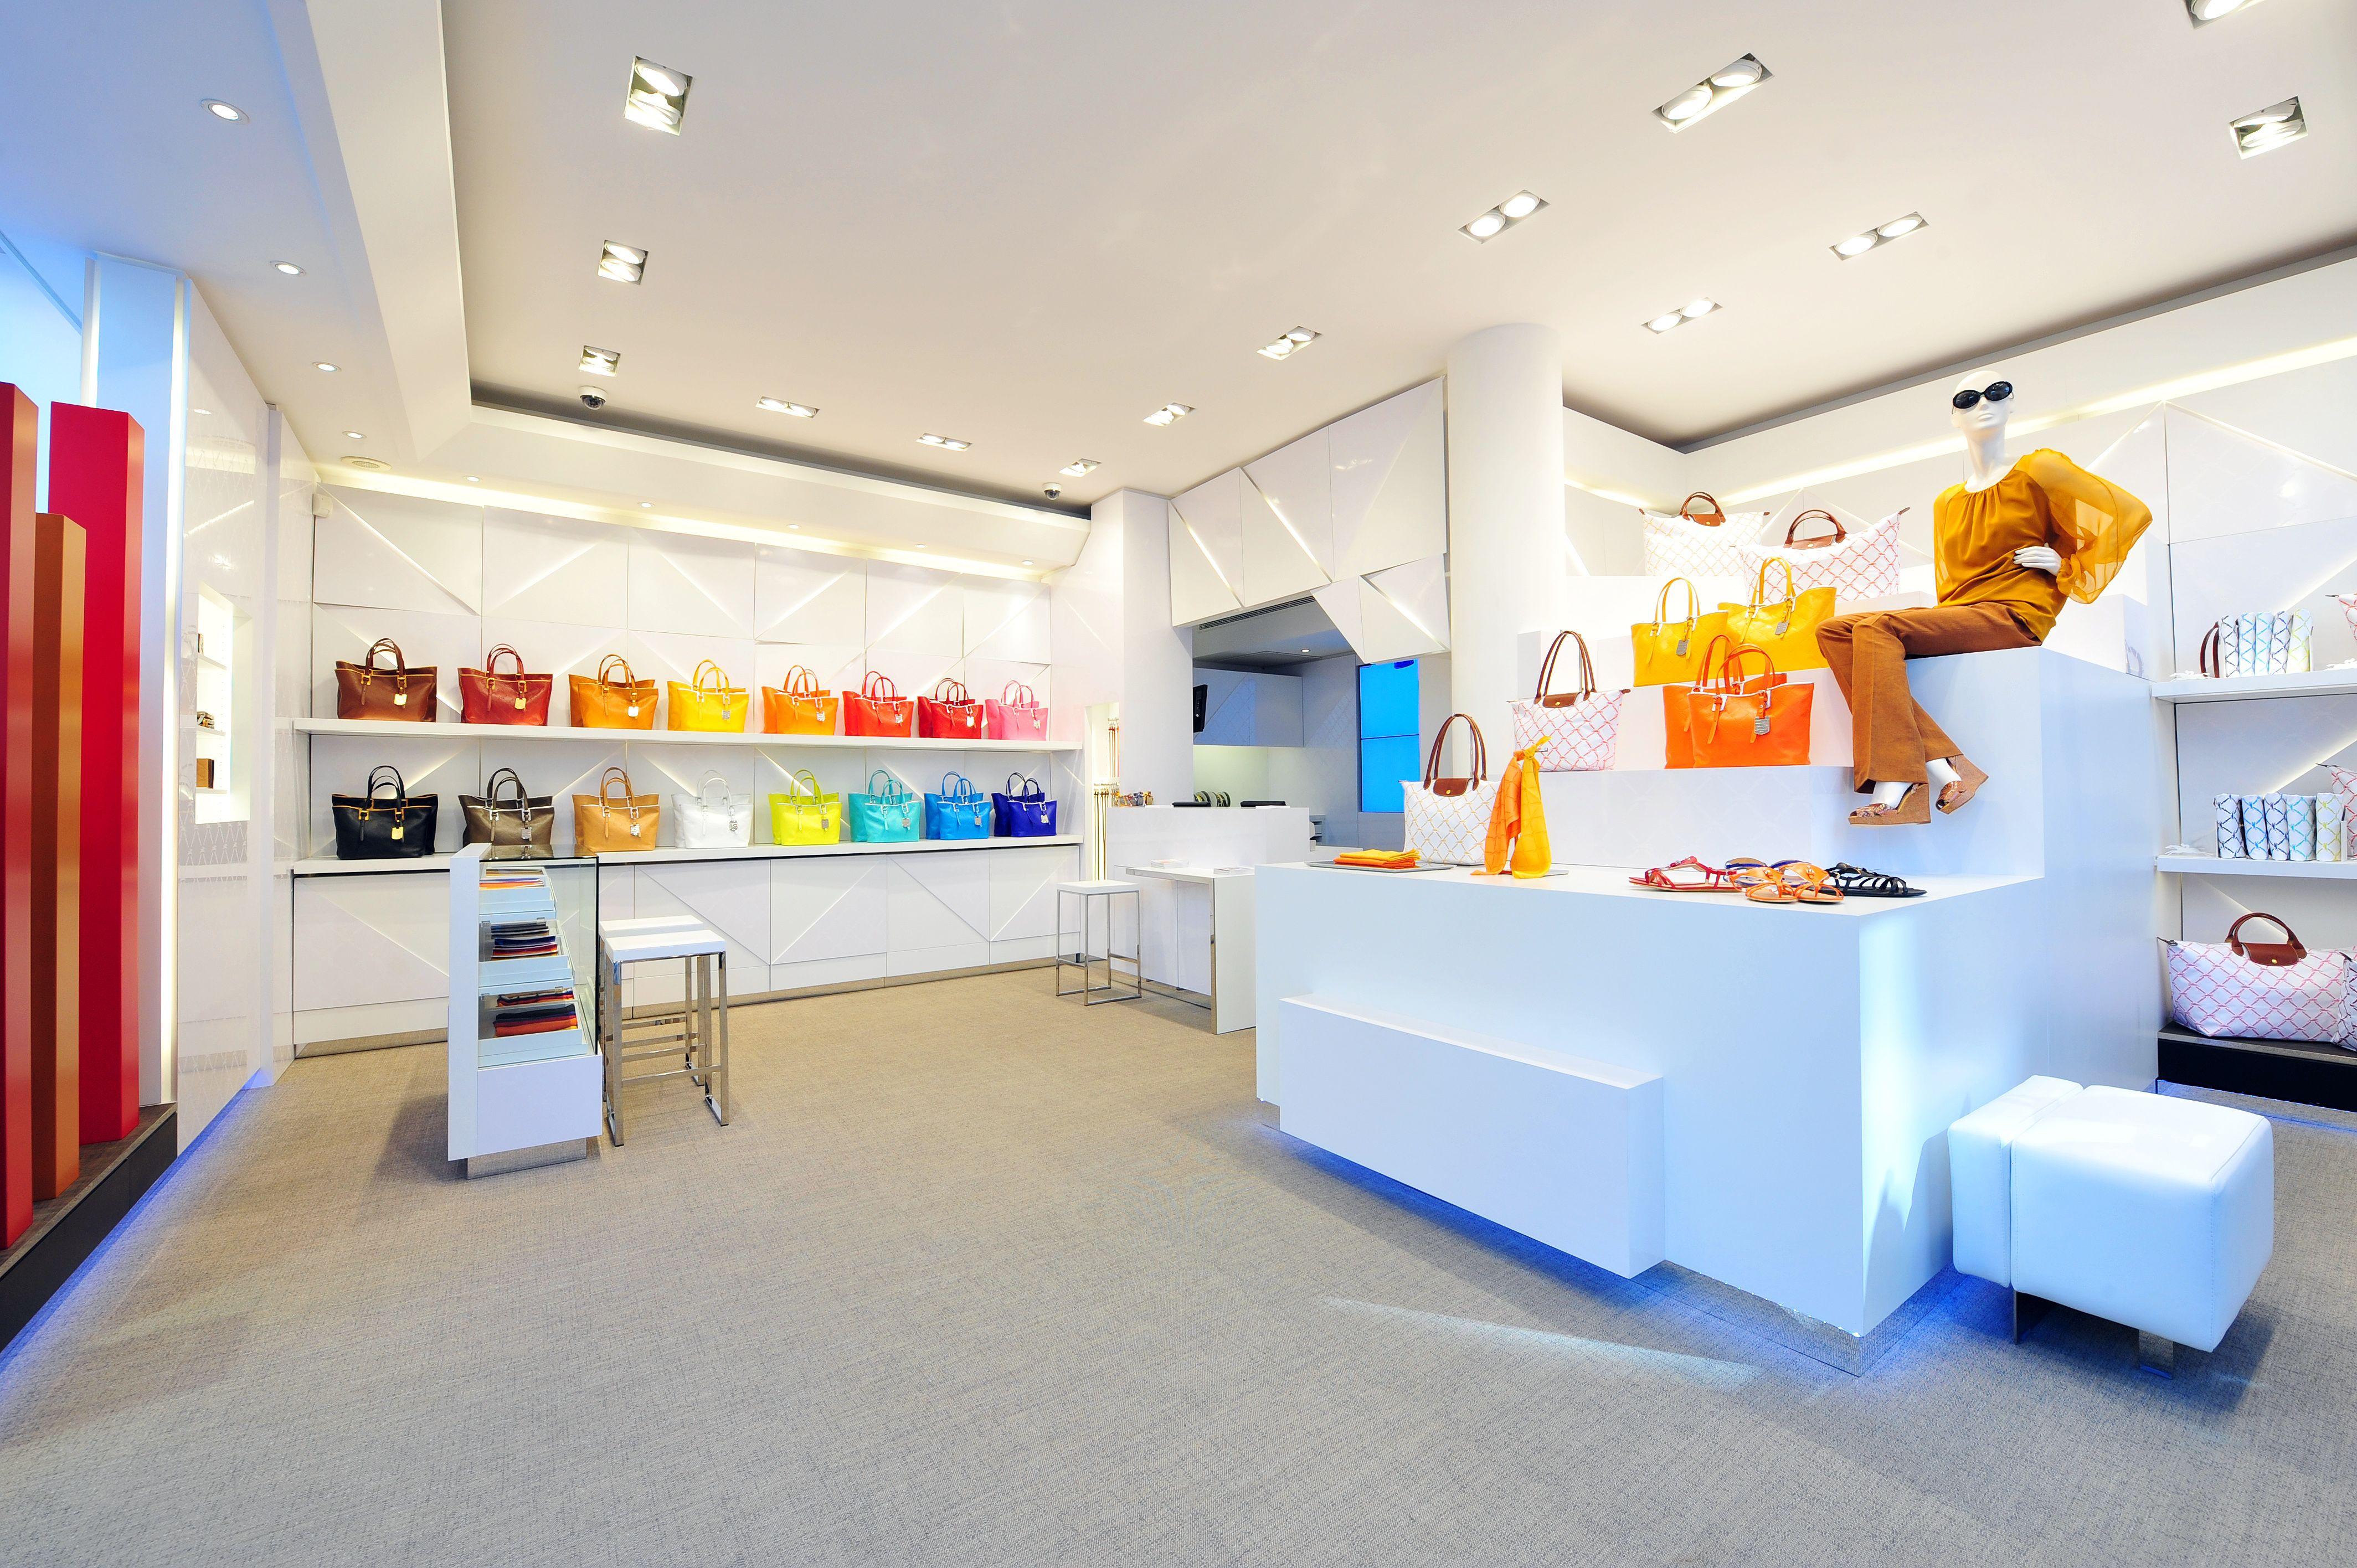 pop up store lm cuir 271 rue saint honor paris longchamp longchamp fashion fashion. Black Bedroom Furniture Sets. Home Design Ideas